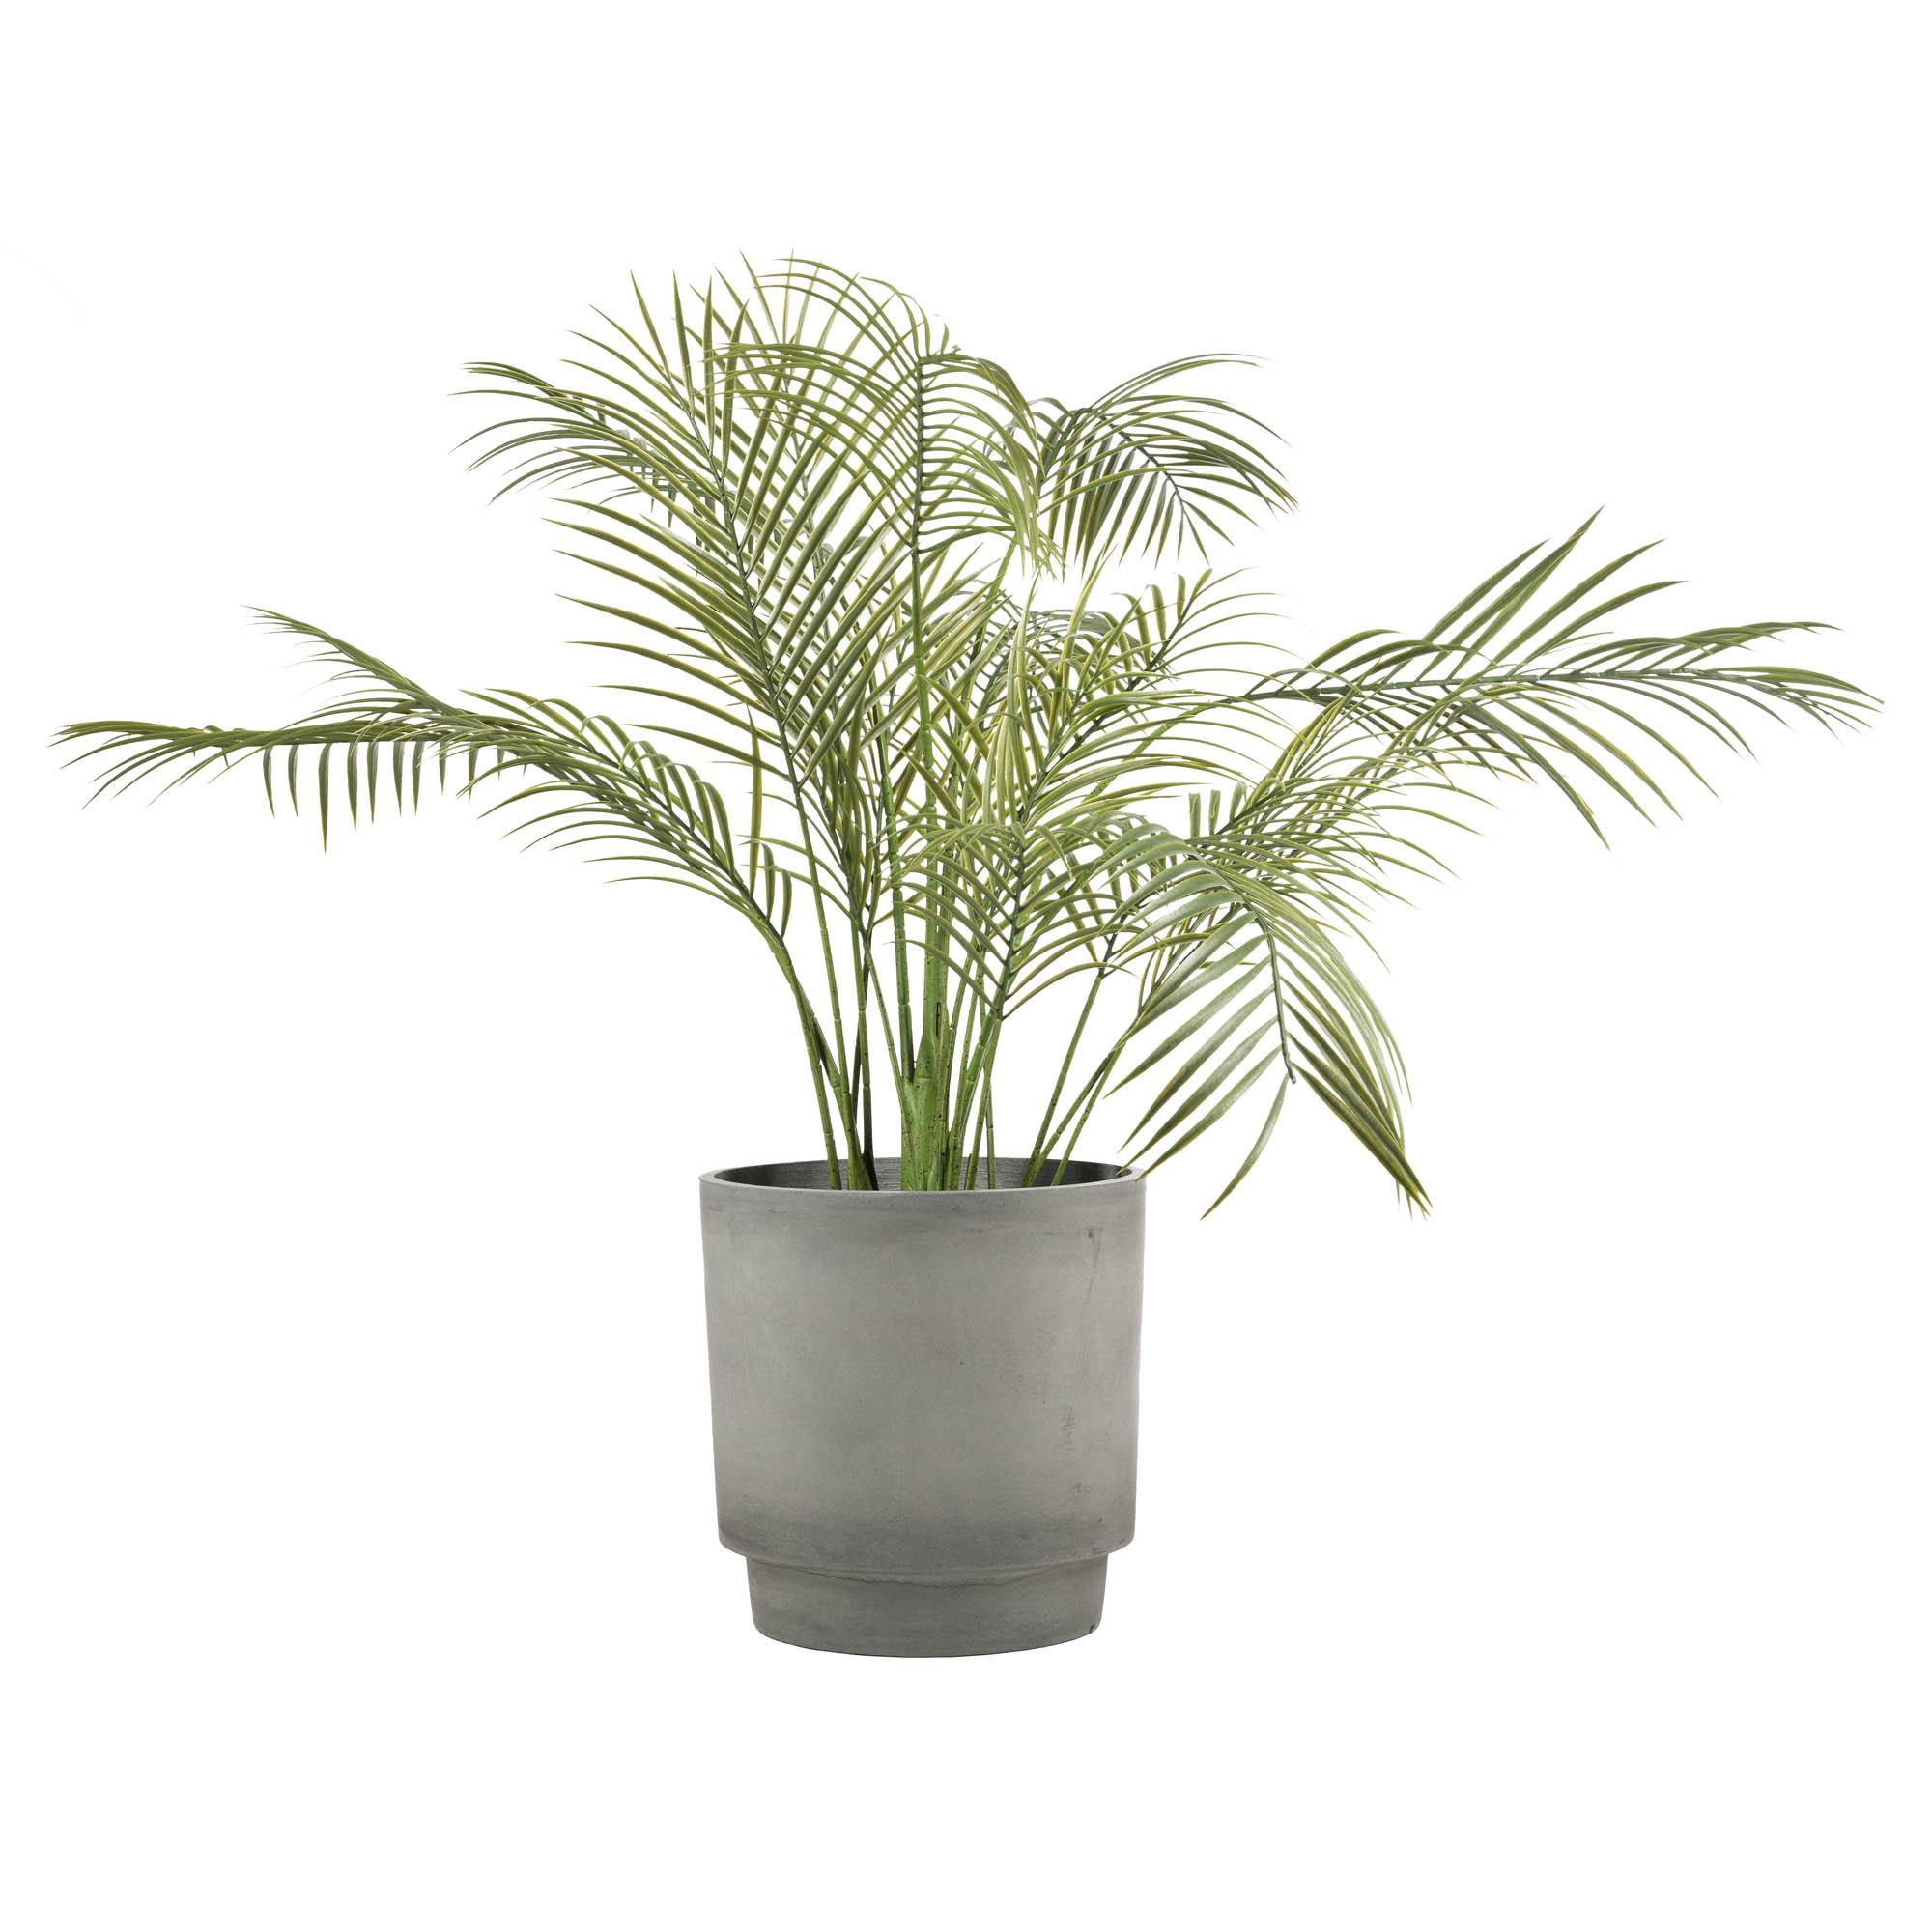 Produktfoto av betongpotte med plante i.